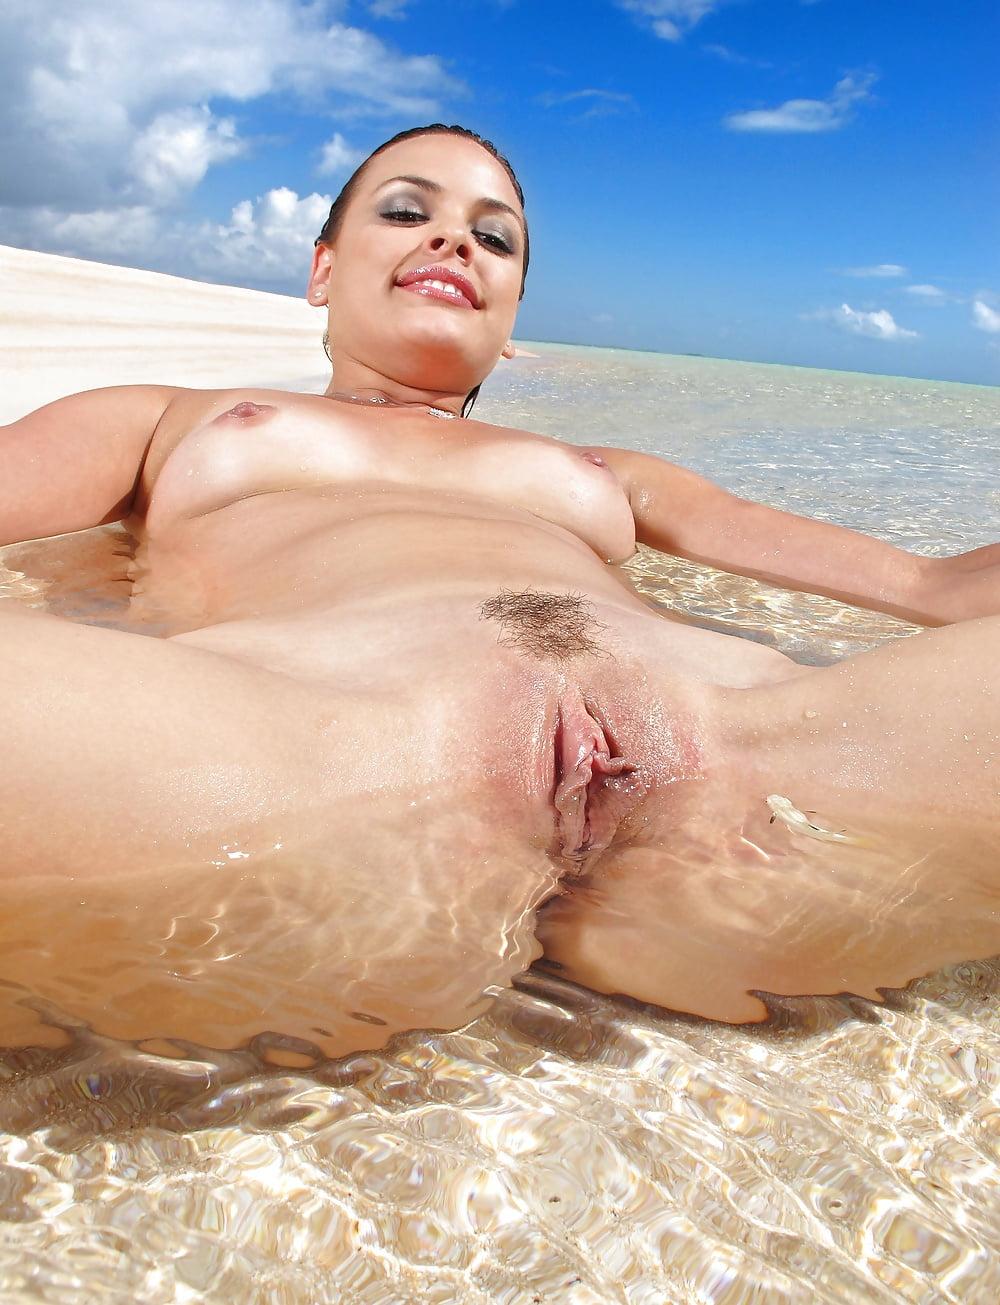 vagina-krupno-more-foto